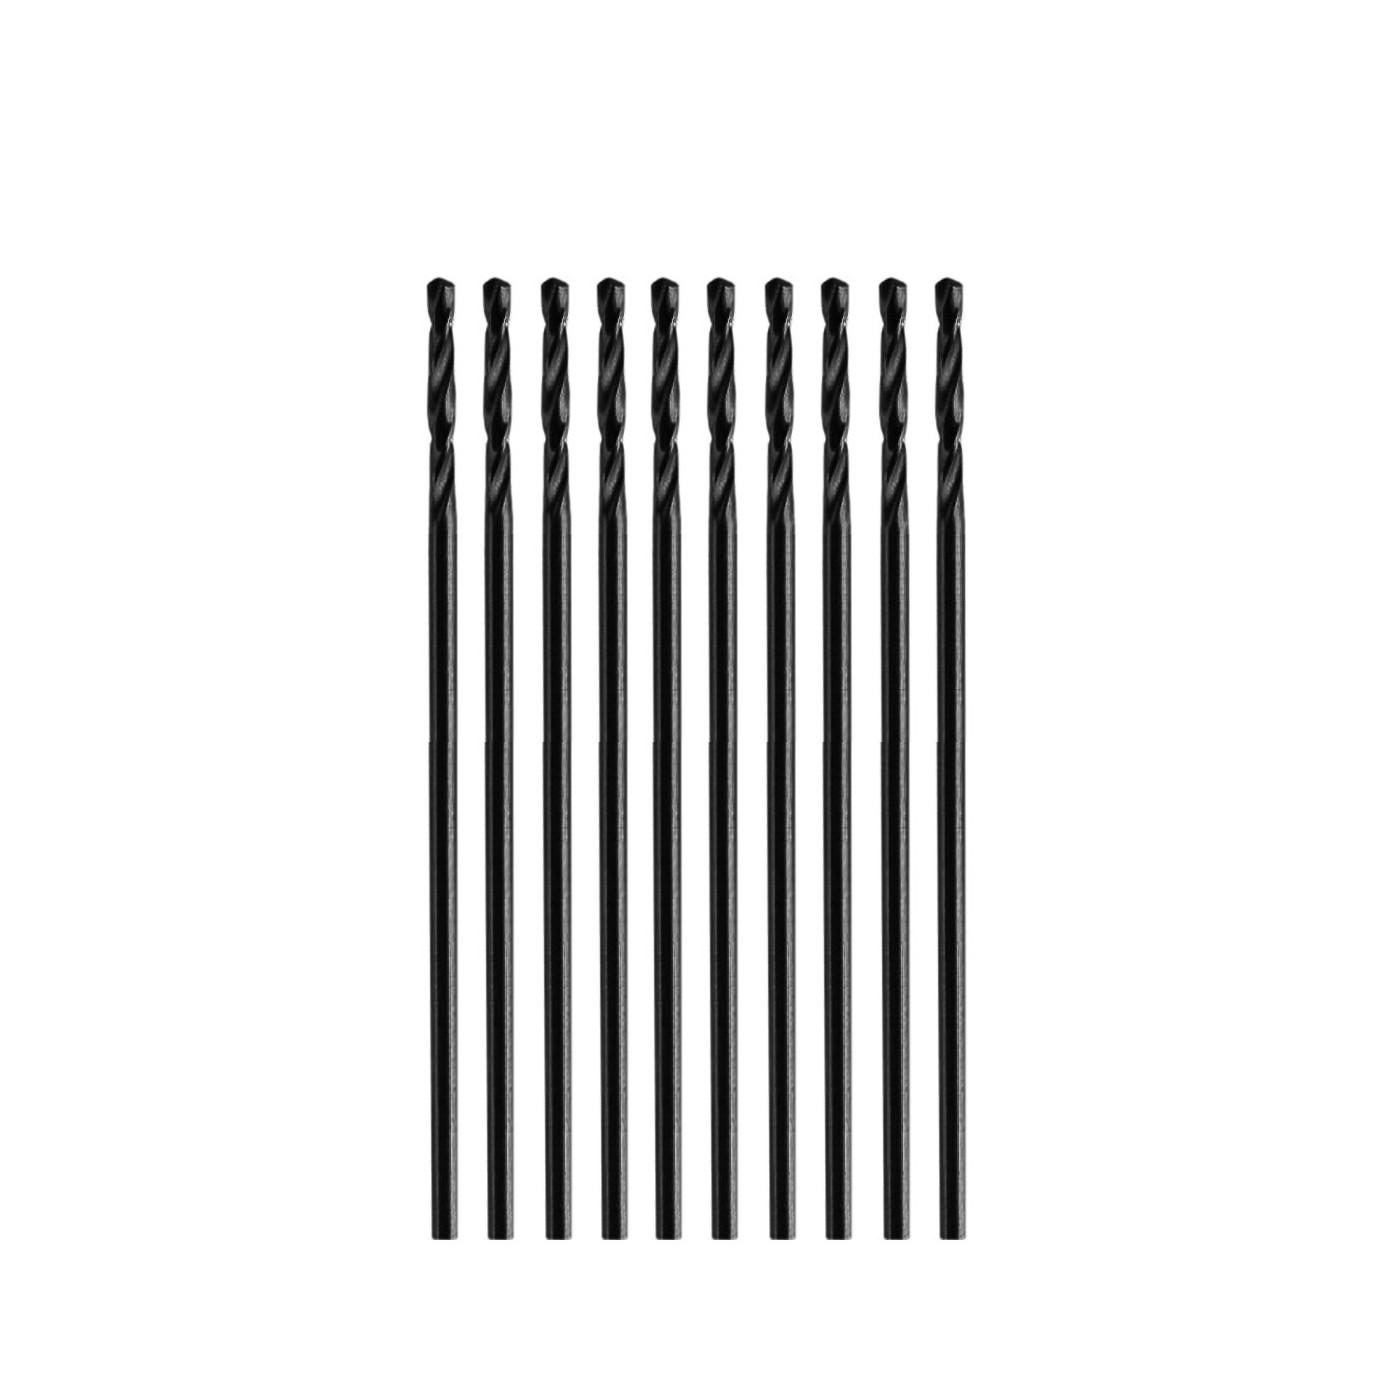 Set van 10 kleine metaalboren (3.0x60 mm, HSS-R)